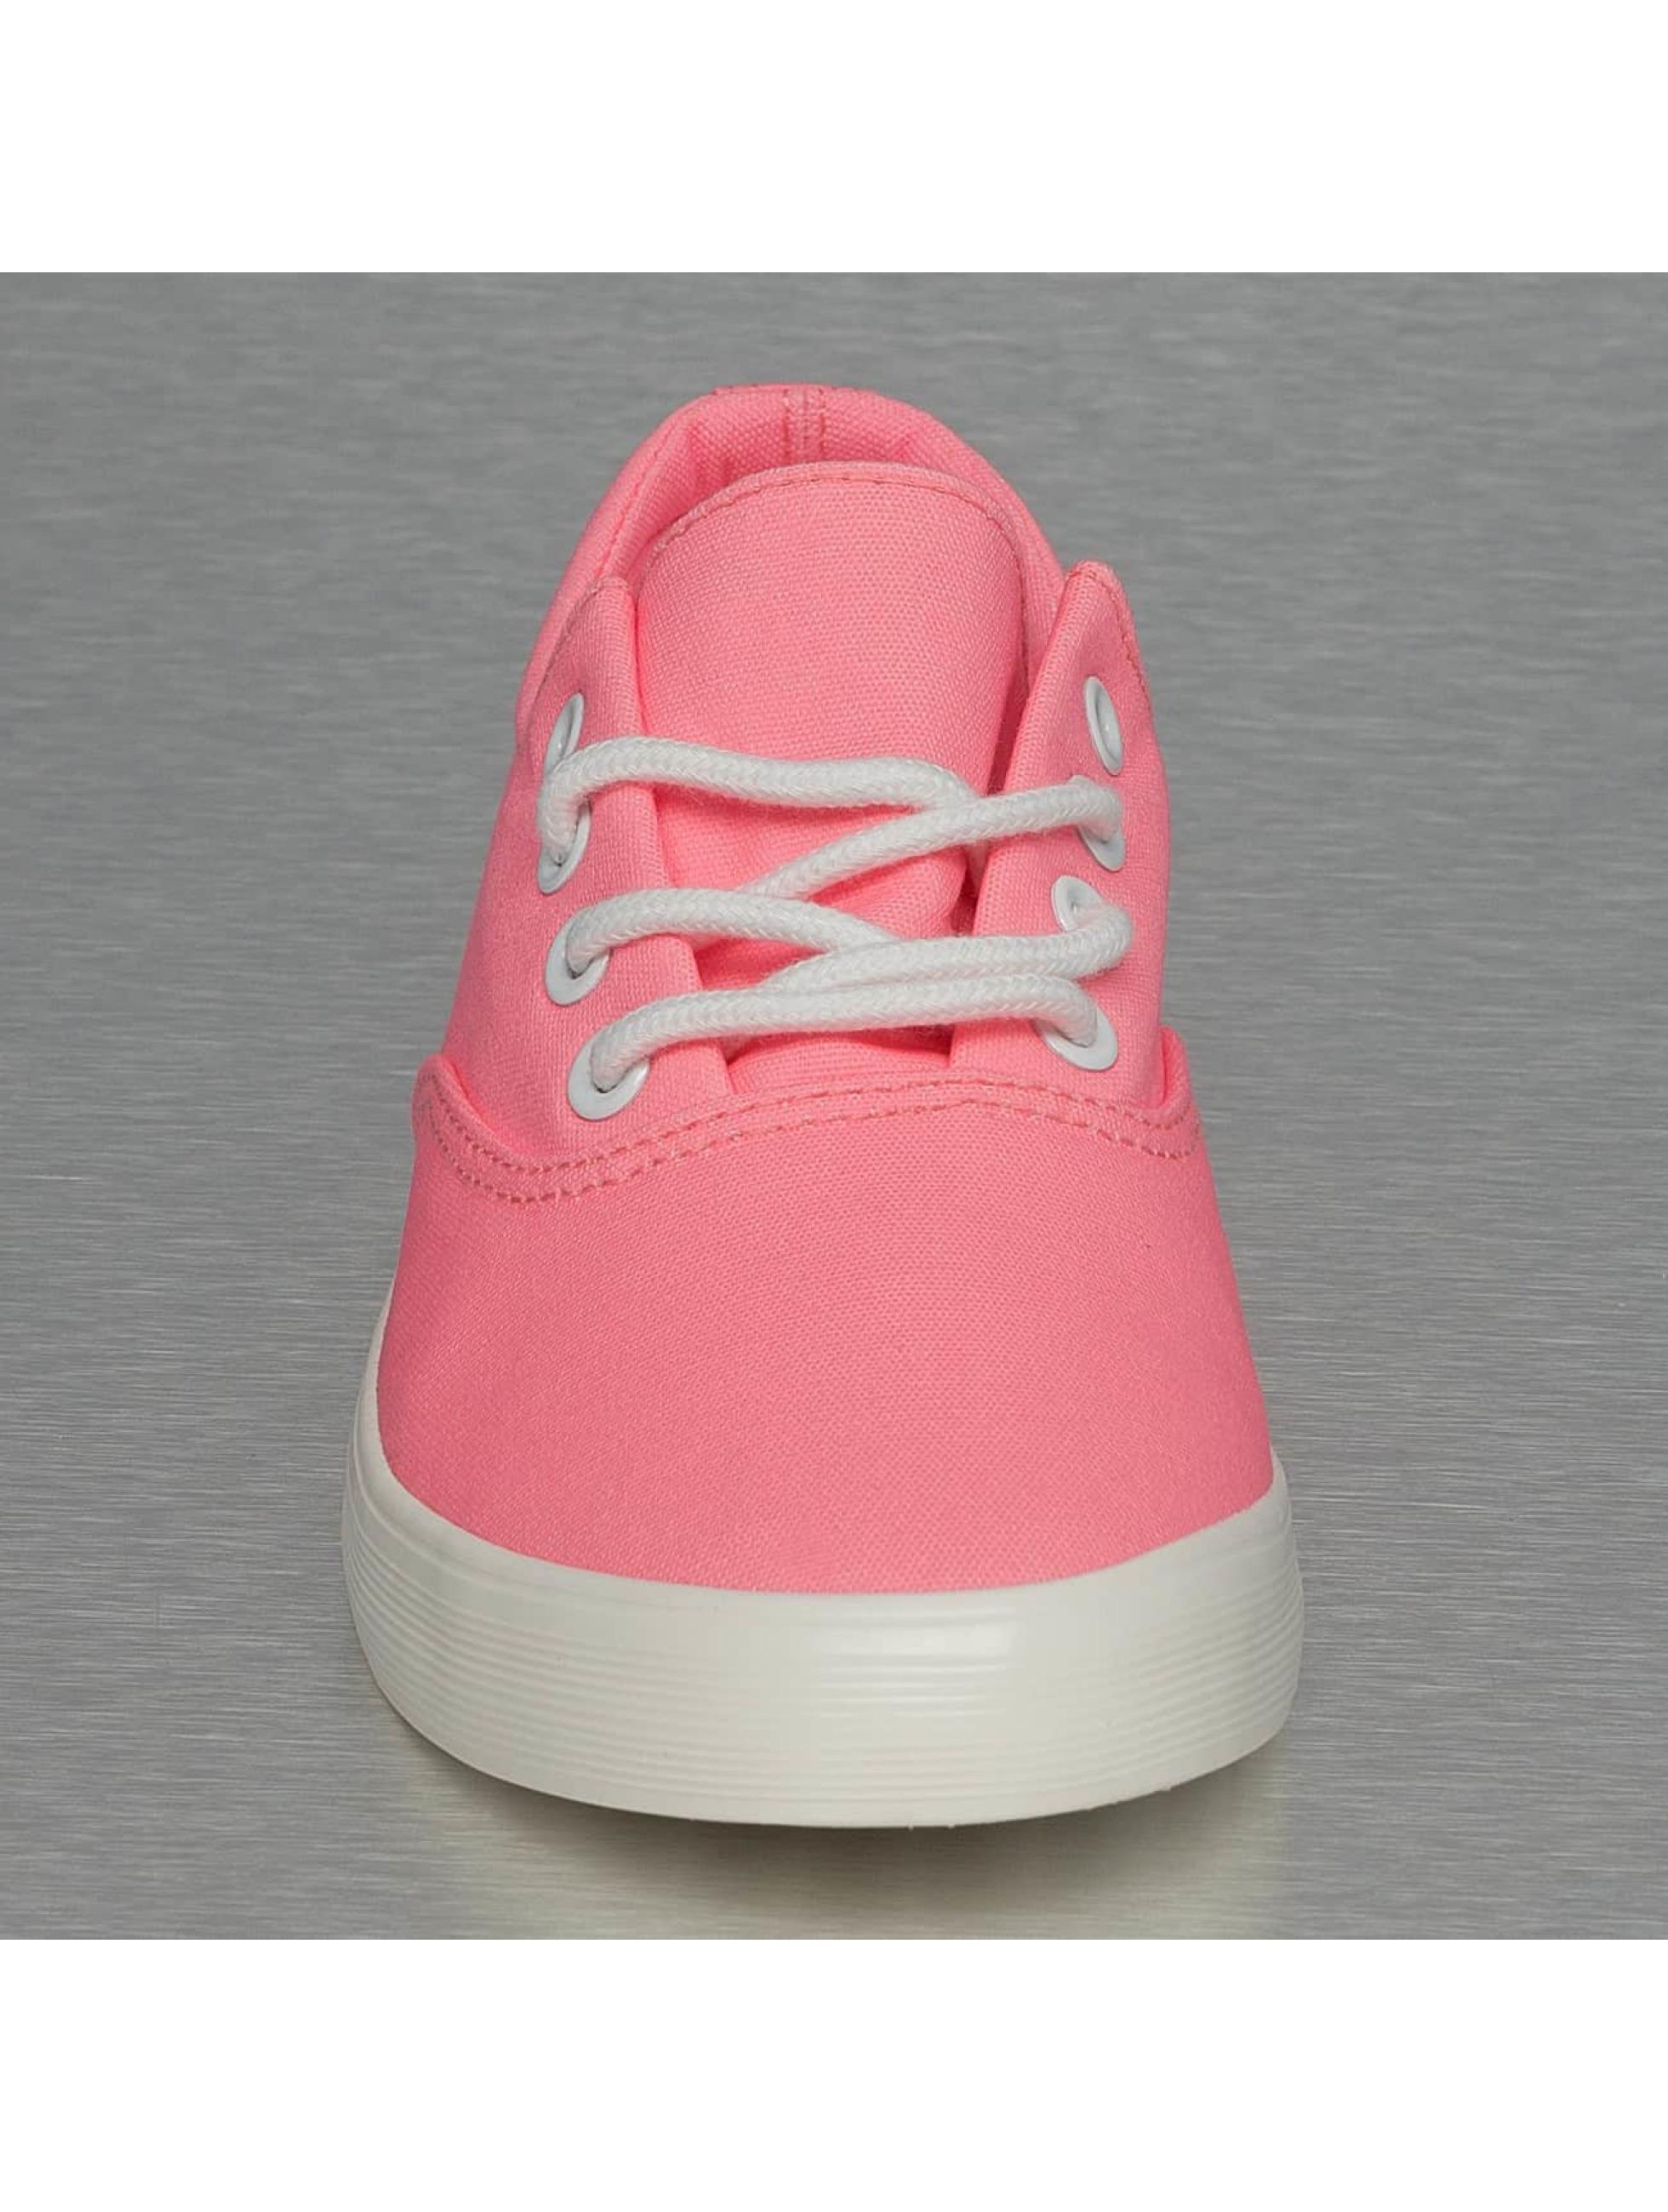 Jumex Sneakers Summer rózowy